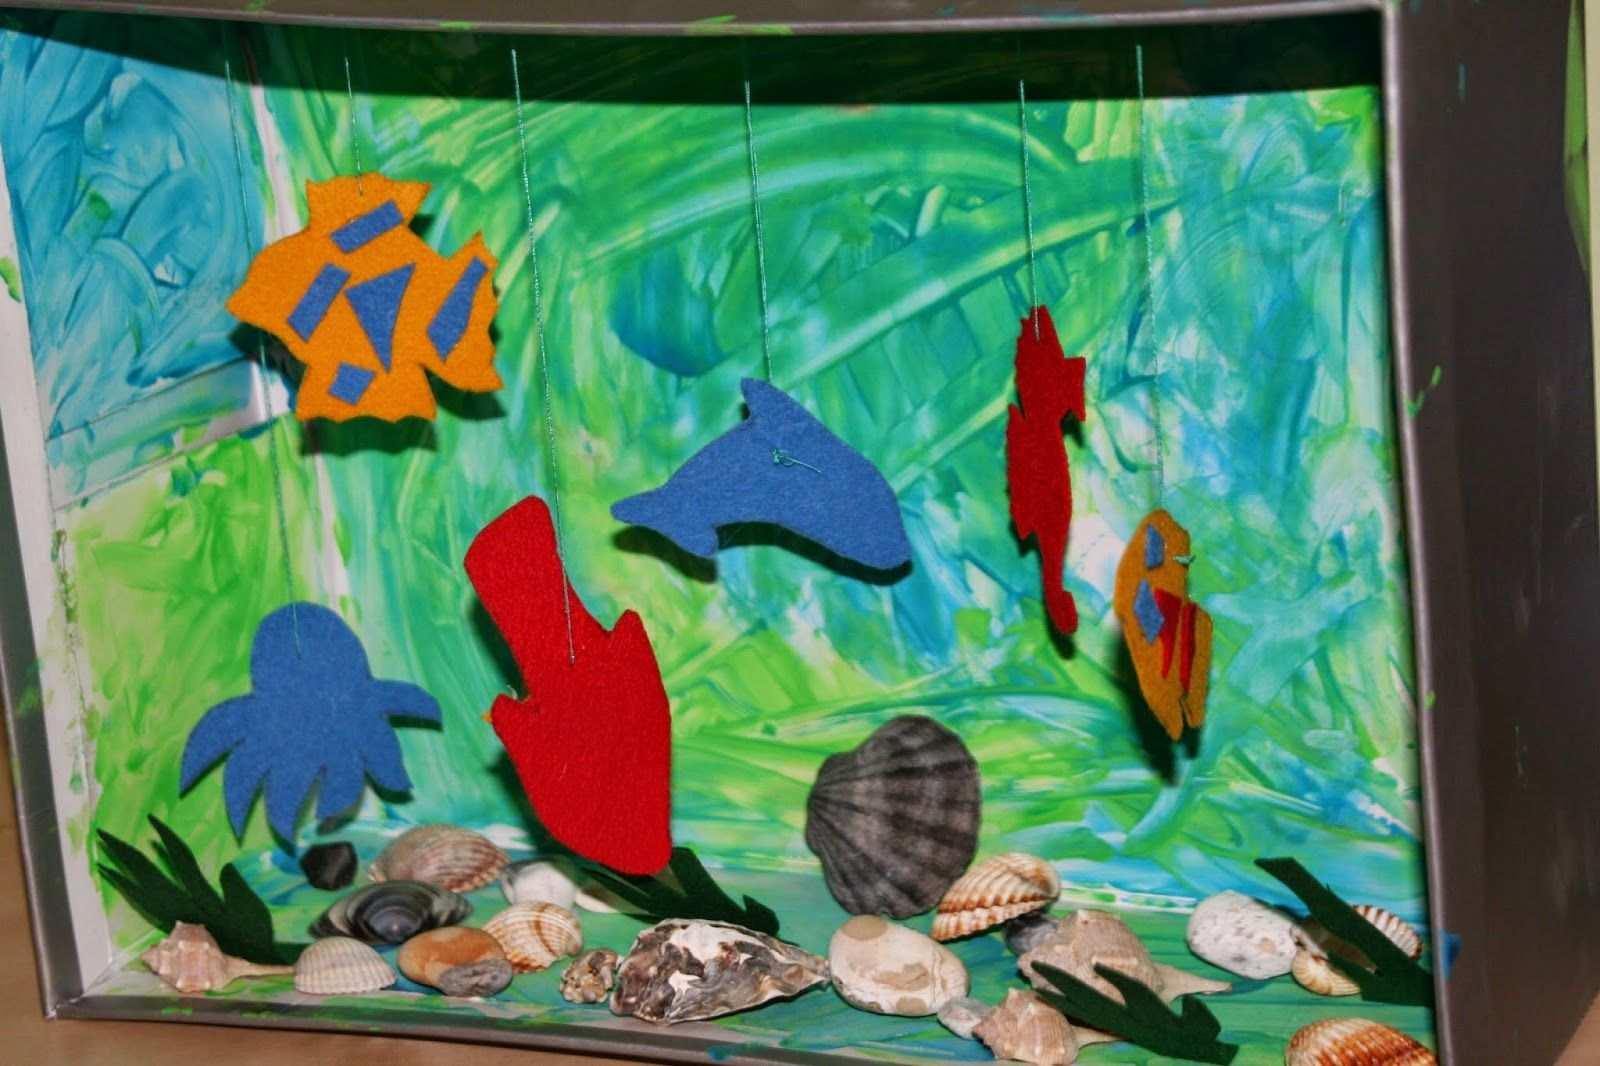 Wir Haben Ein Aquarium Aquarium Teppich Knupfen Schuhkarton